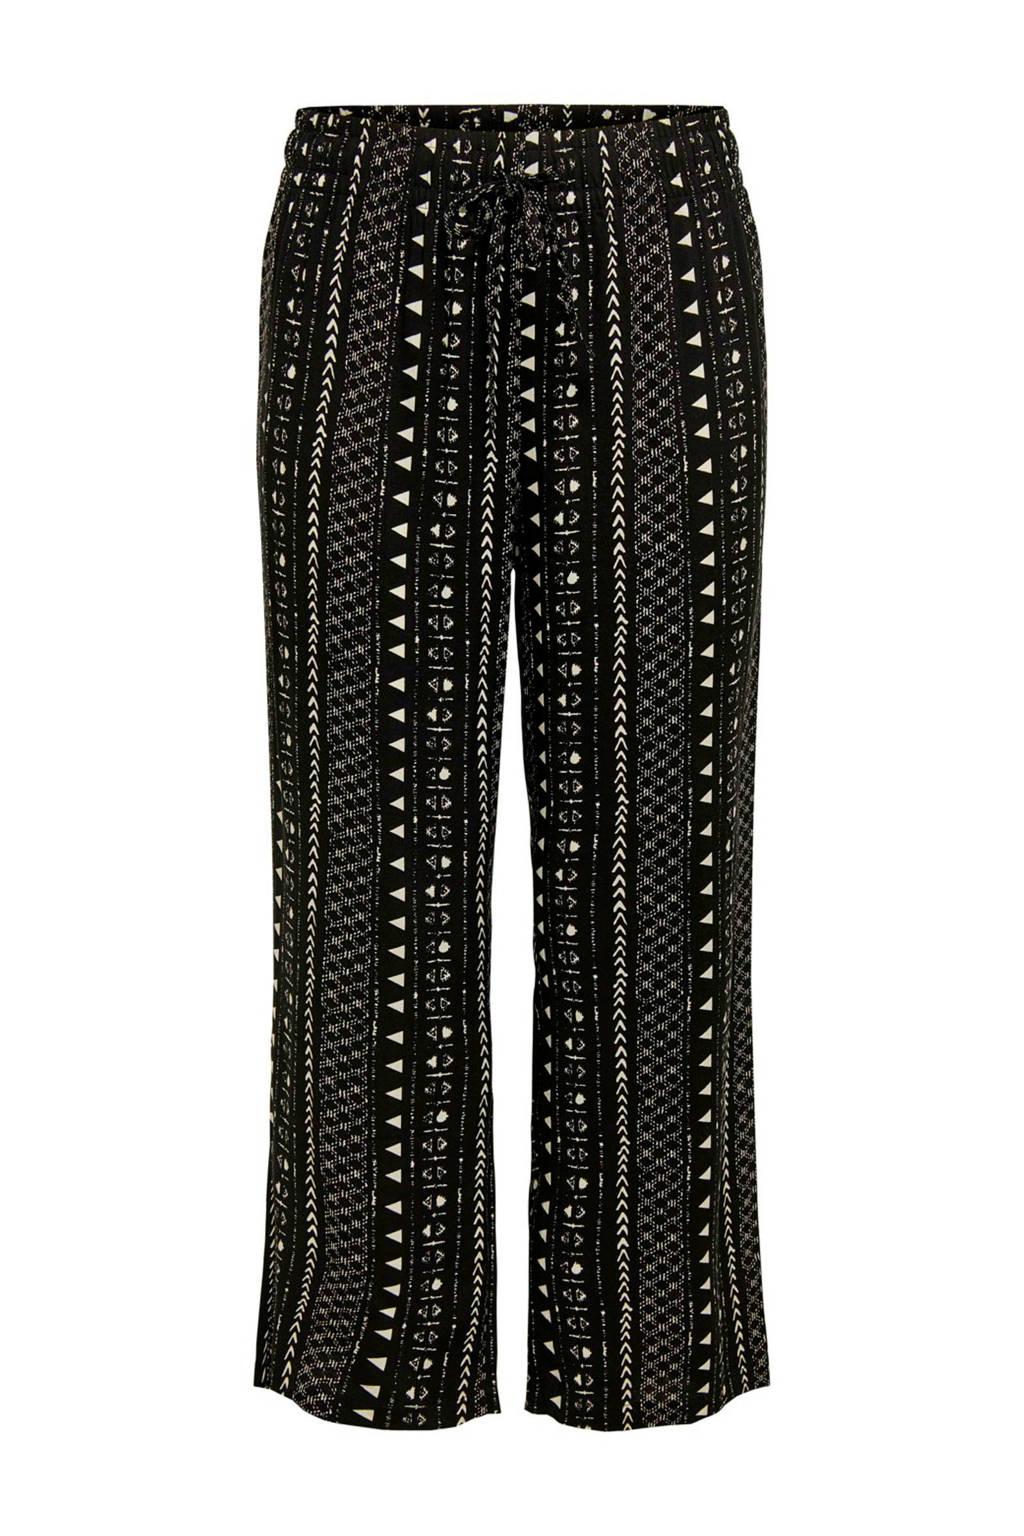 JACQUELINE DE YONG loose fit broek met all over print zwart, Zwart